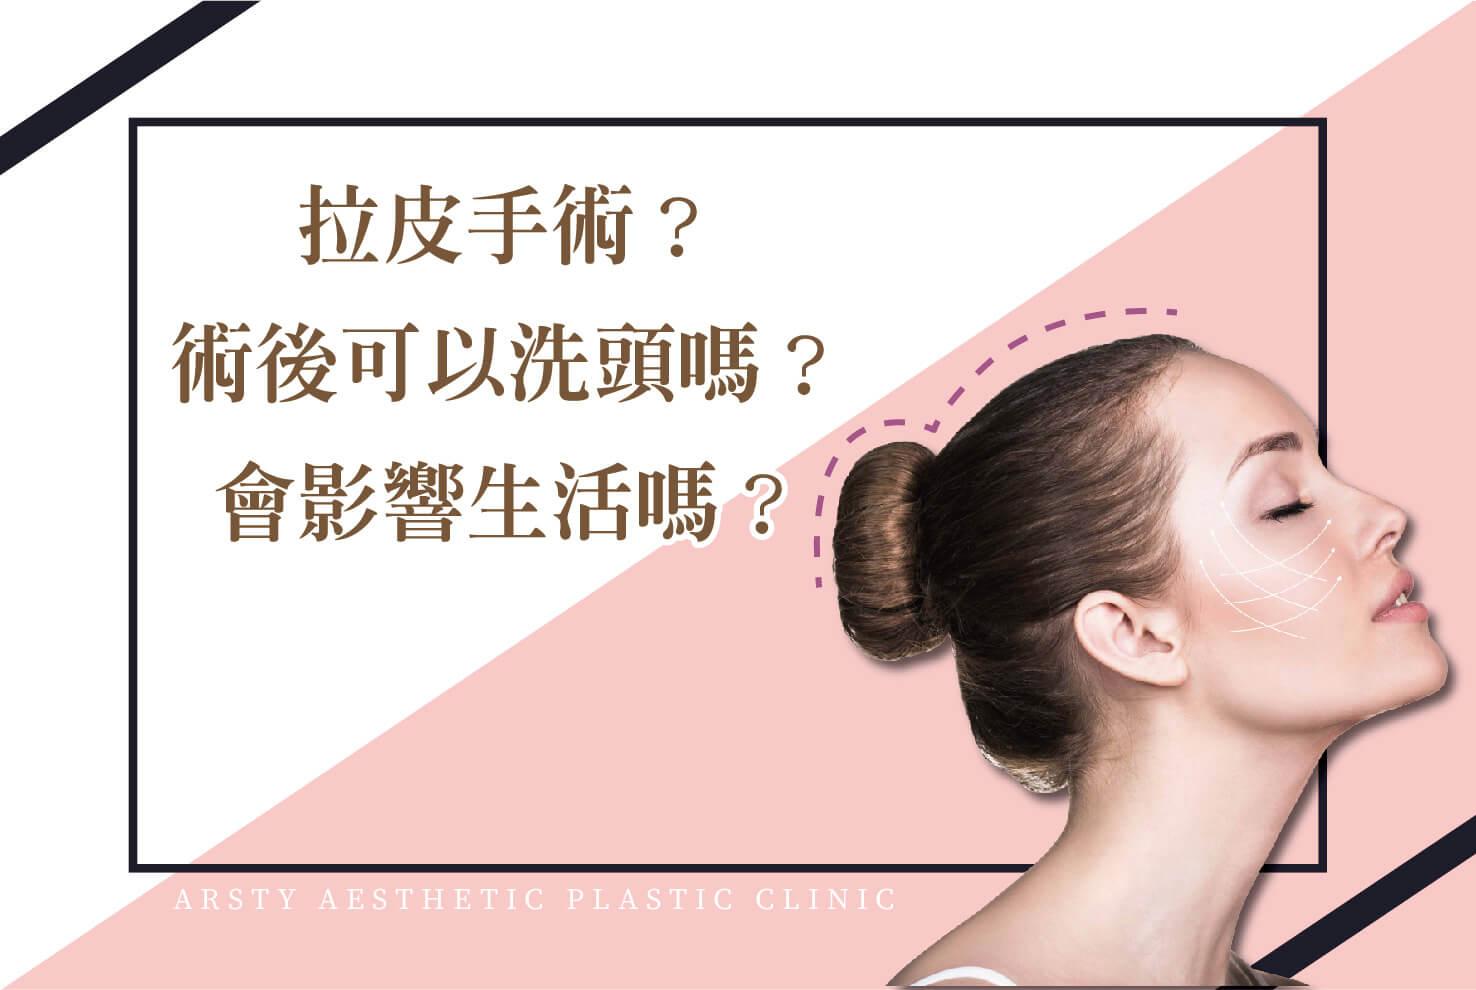 拉皮術後可以洗頭嗎